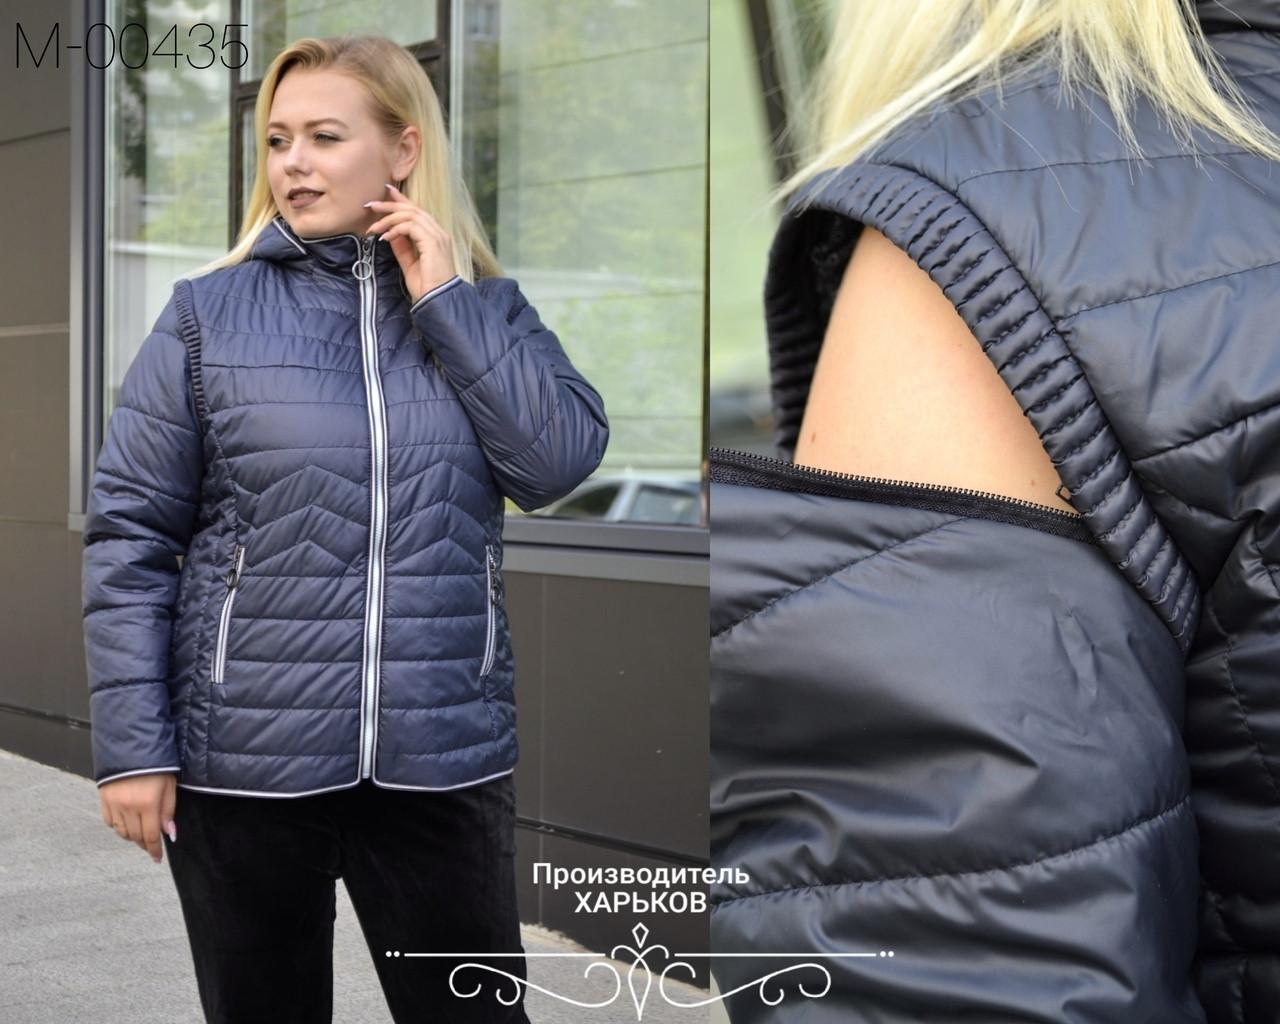 Куртка женская со съемными рукавами плащевка размеры 50 52 54 56 58 60 62, Женская демисезонная куртка жилет,со съемными рукавами